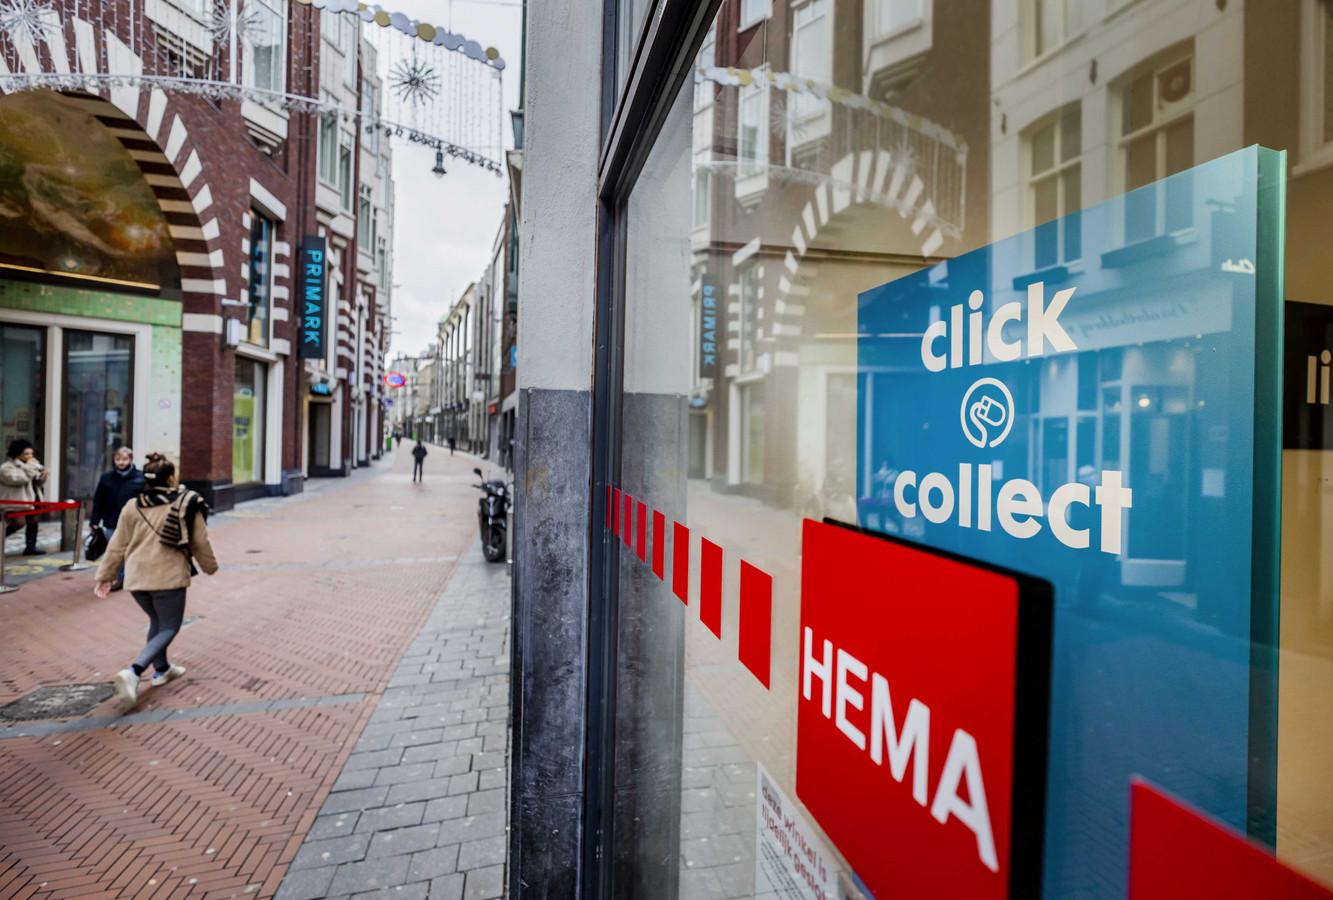 Aanplakbiljetten over bezorging van producten in de etalage van de Hema in het centrum van Amsterdam. Vanaf 10 februari wordt het mogelijk om online of telefonisch producten te bestellen bij niet-essentiële winkels.